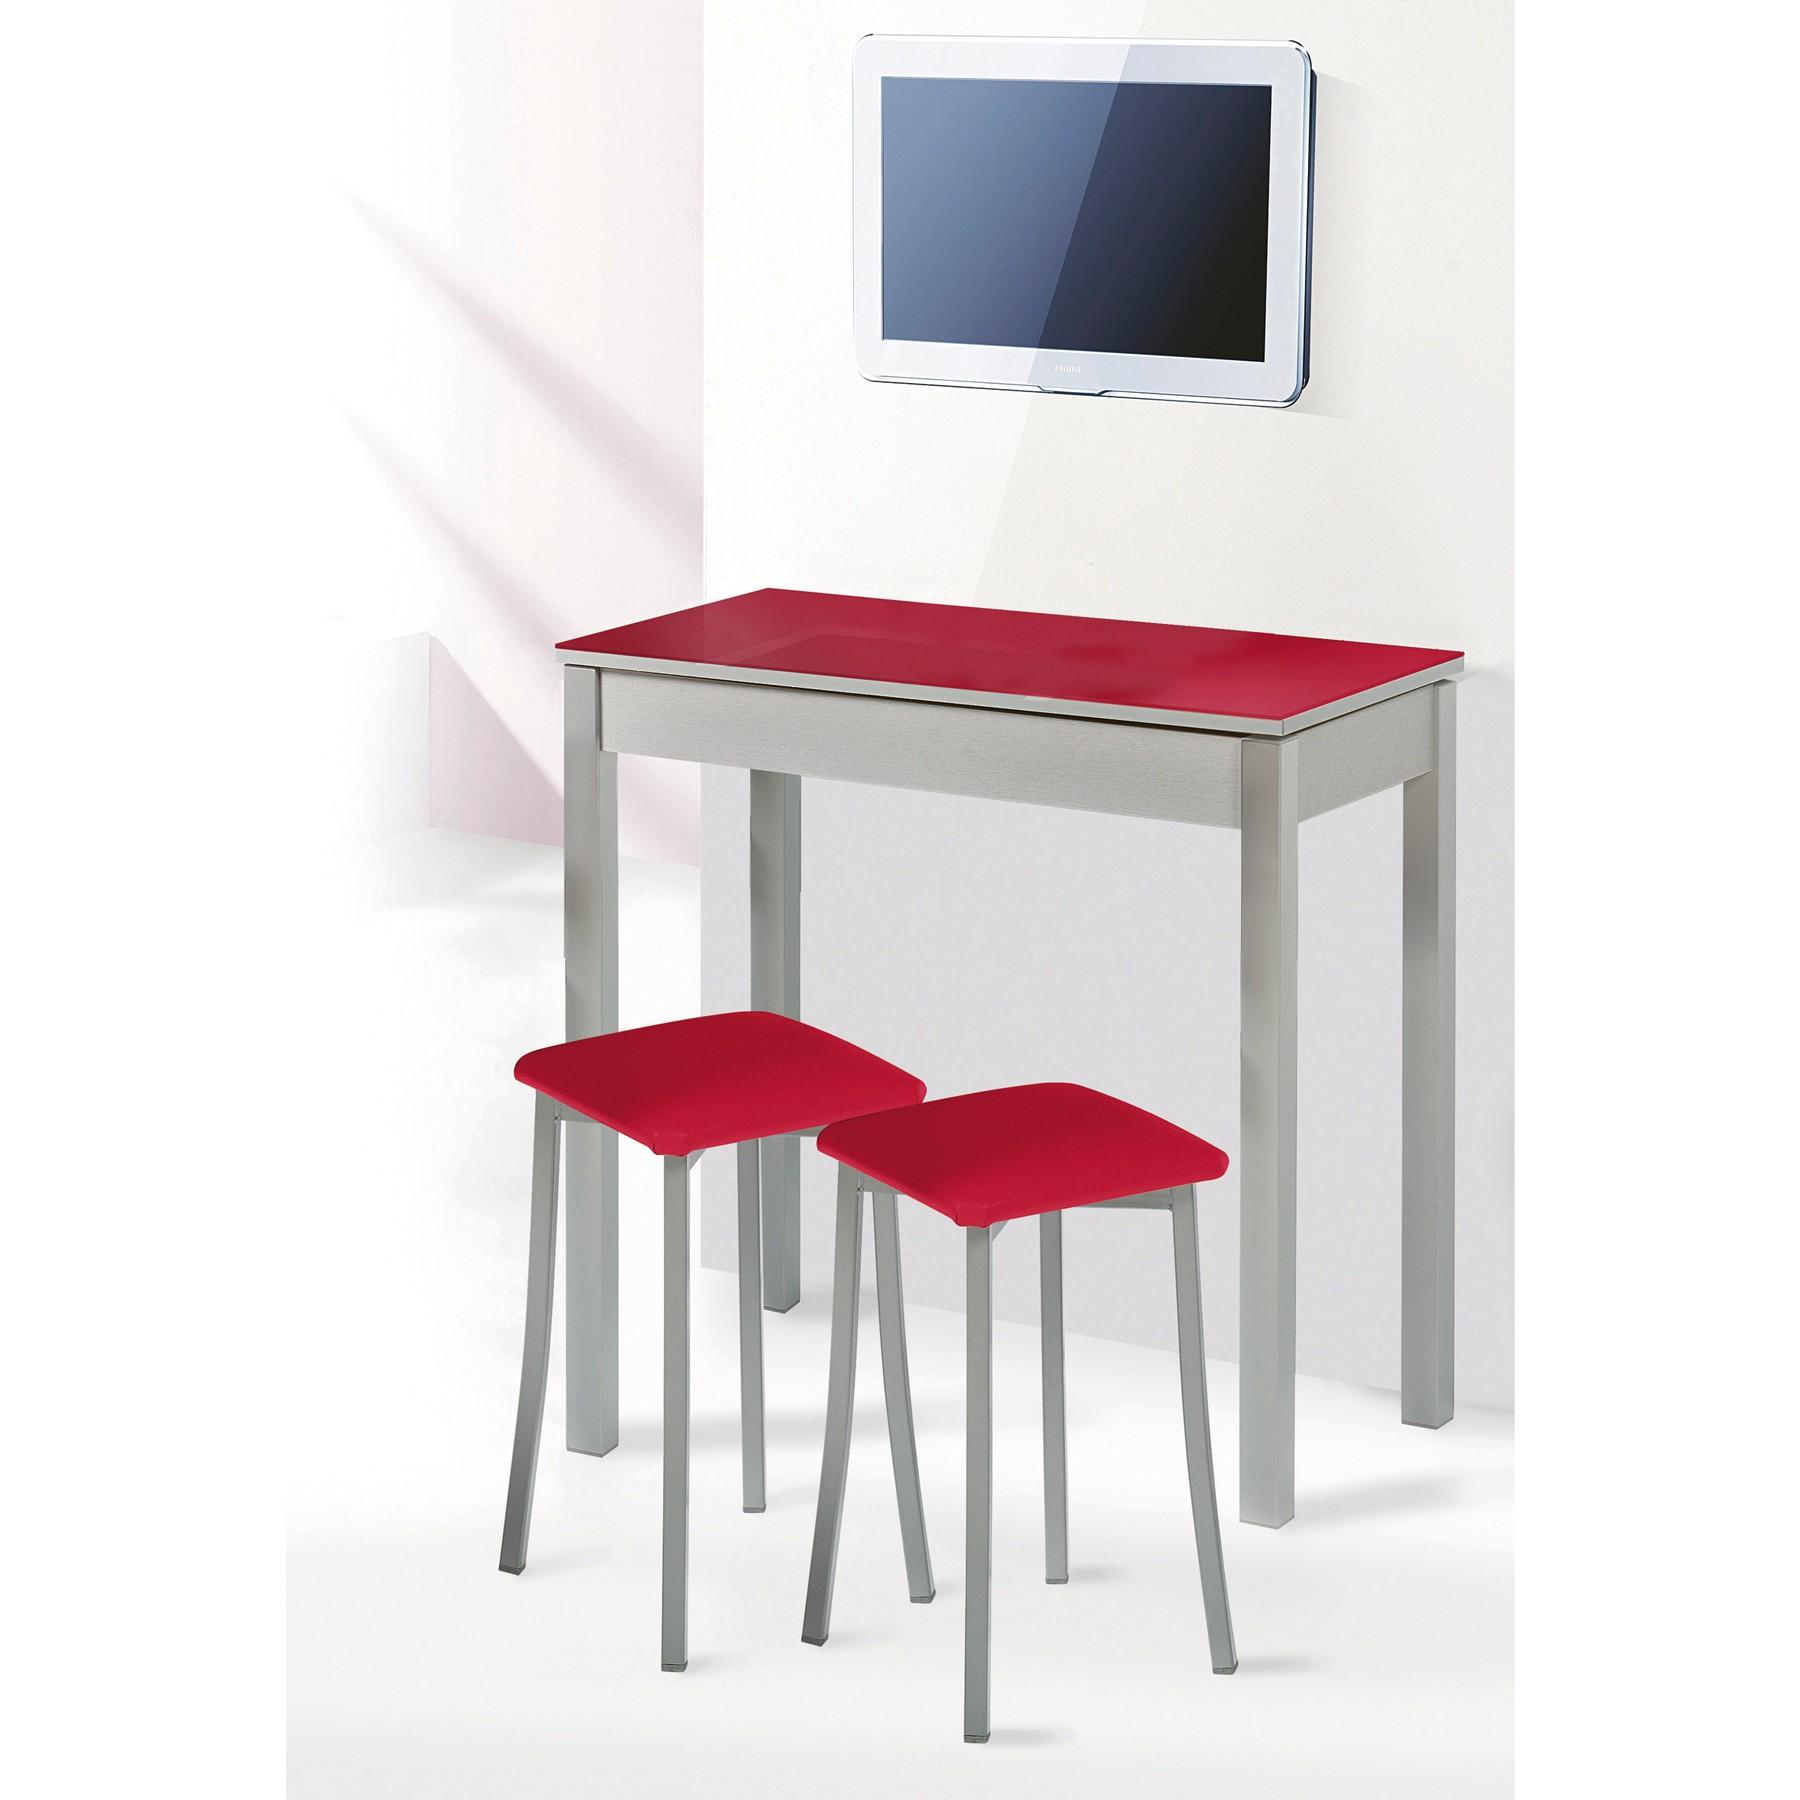 Mesa de cocina fija y taburetes modelo liborno espacios - Mesas de cocina bricor ...